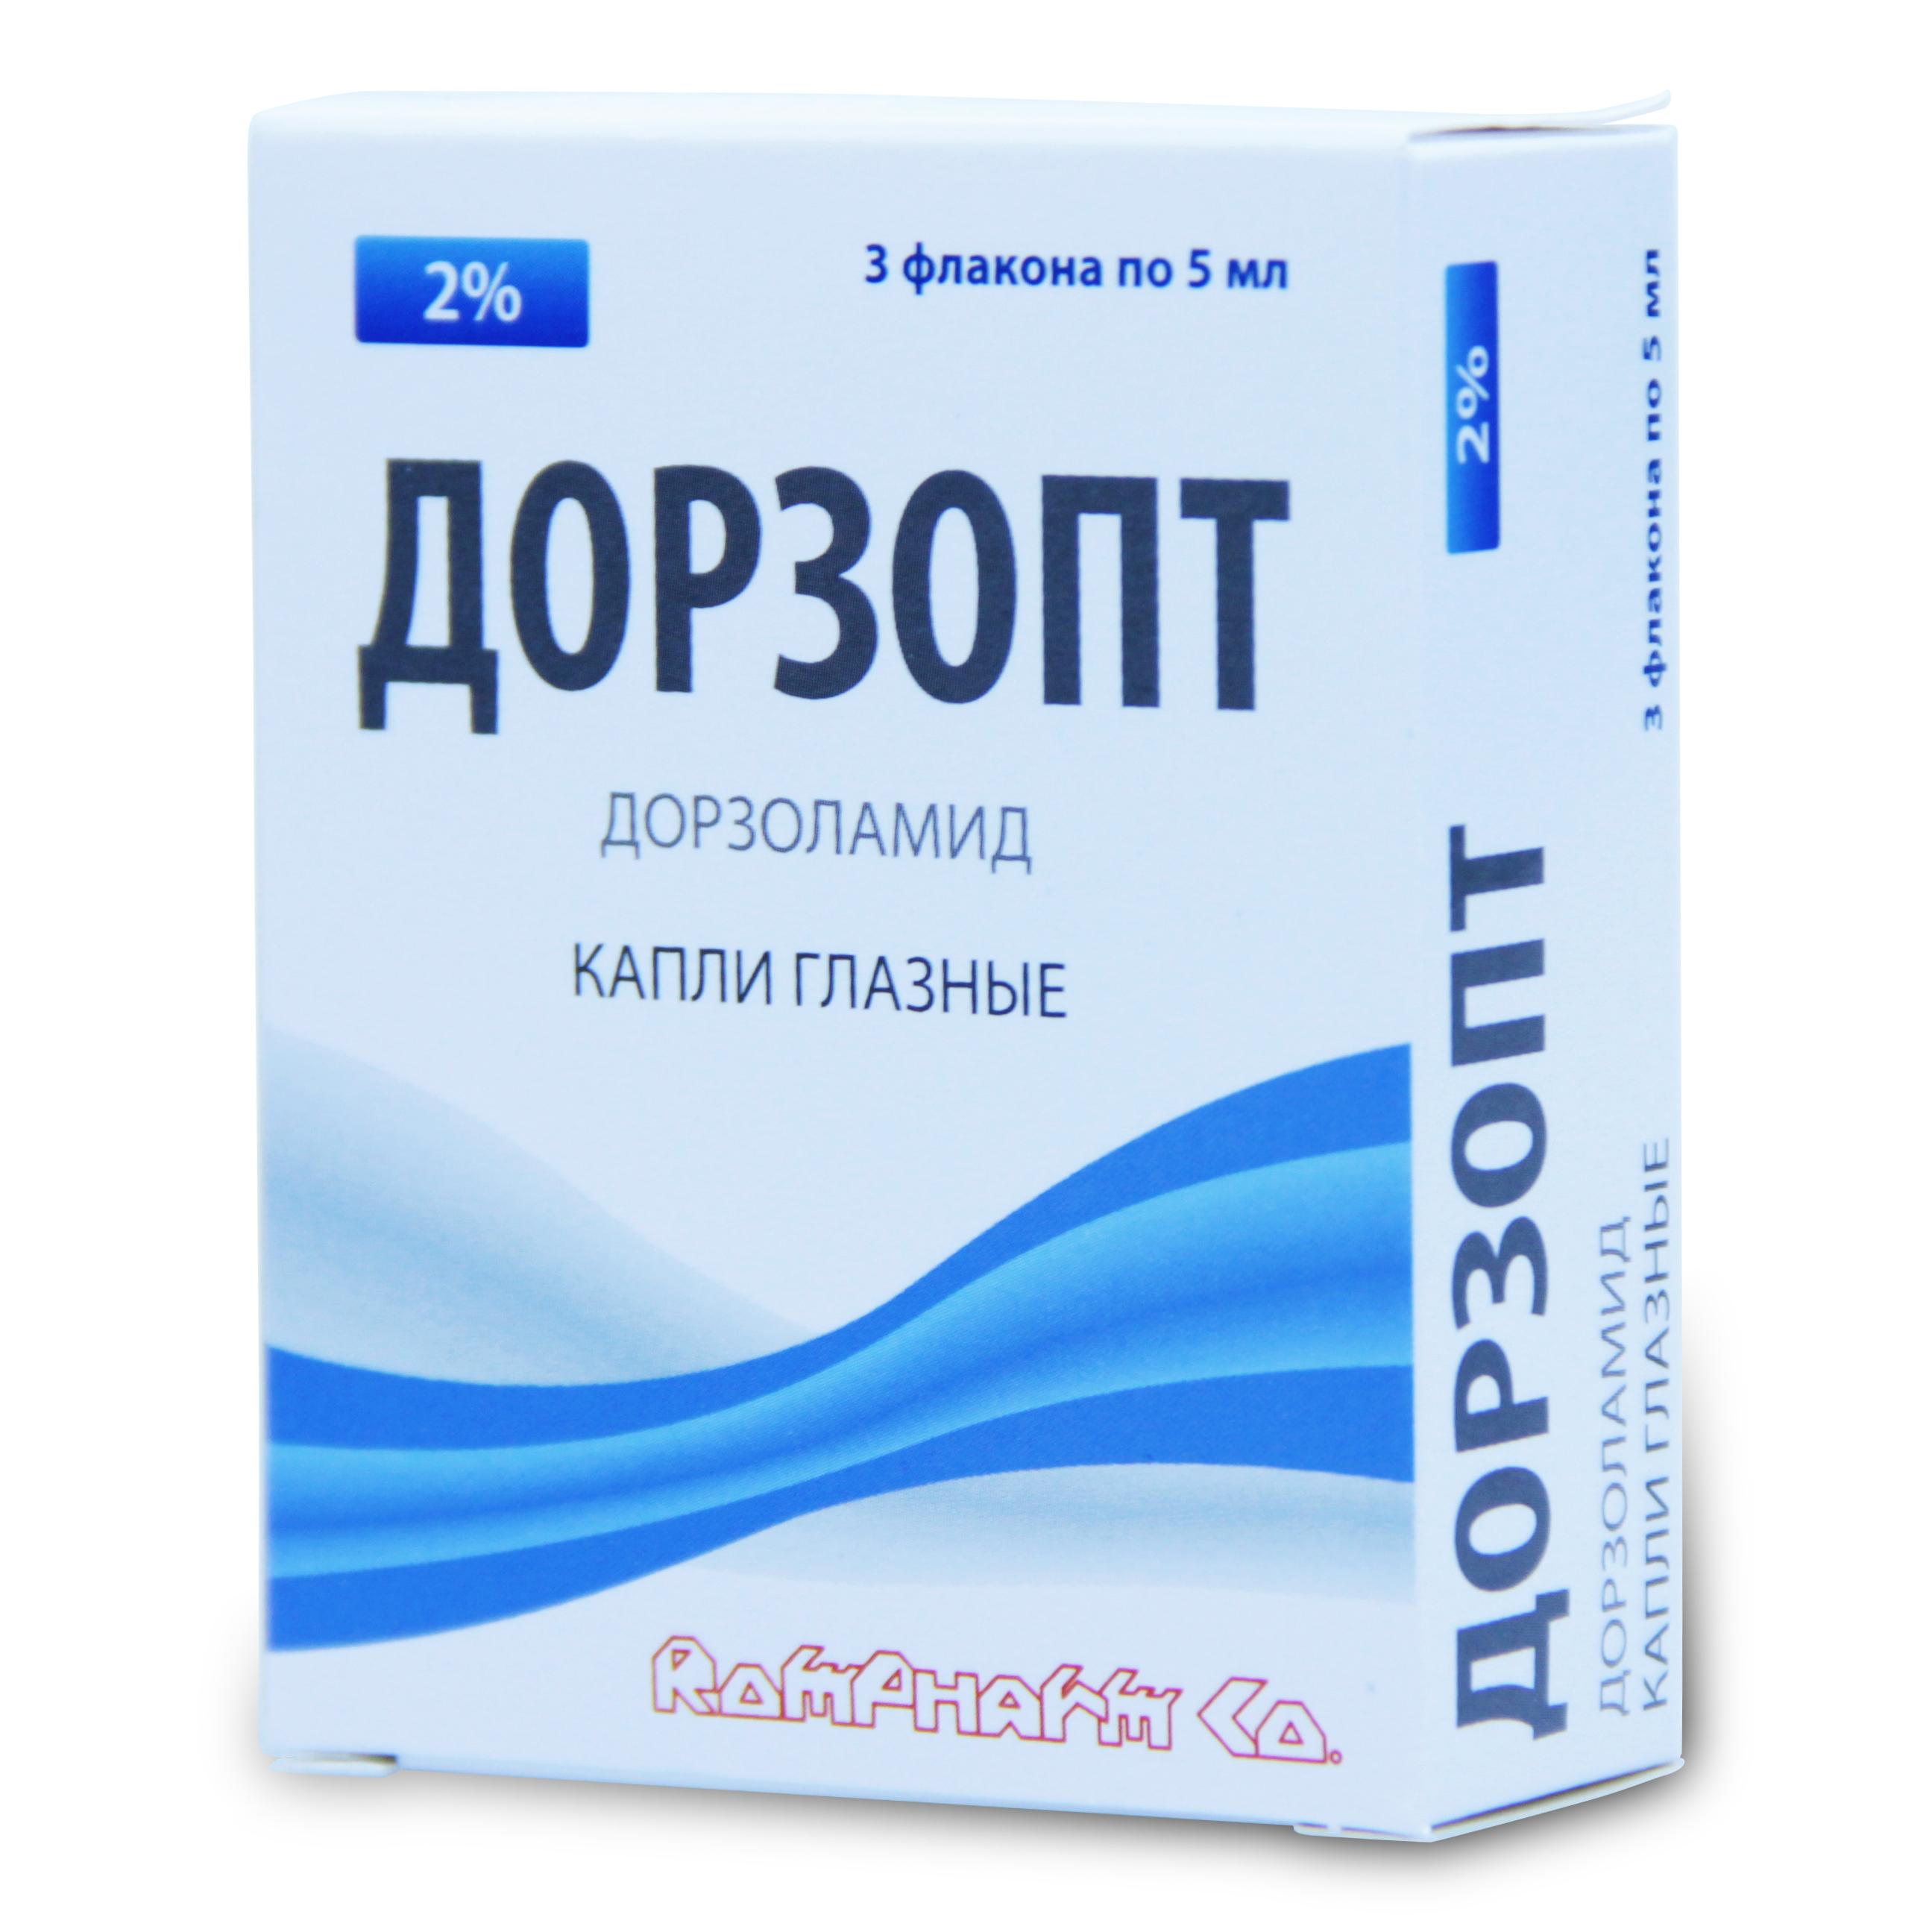 Глазные капли дорзопт (дорзоламид): описание и аналоги